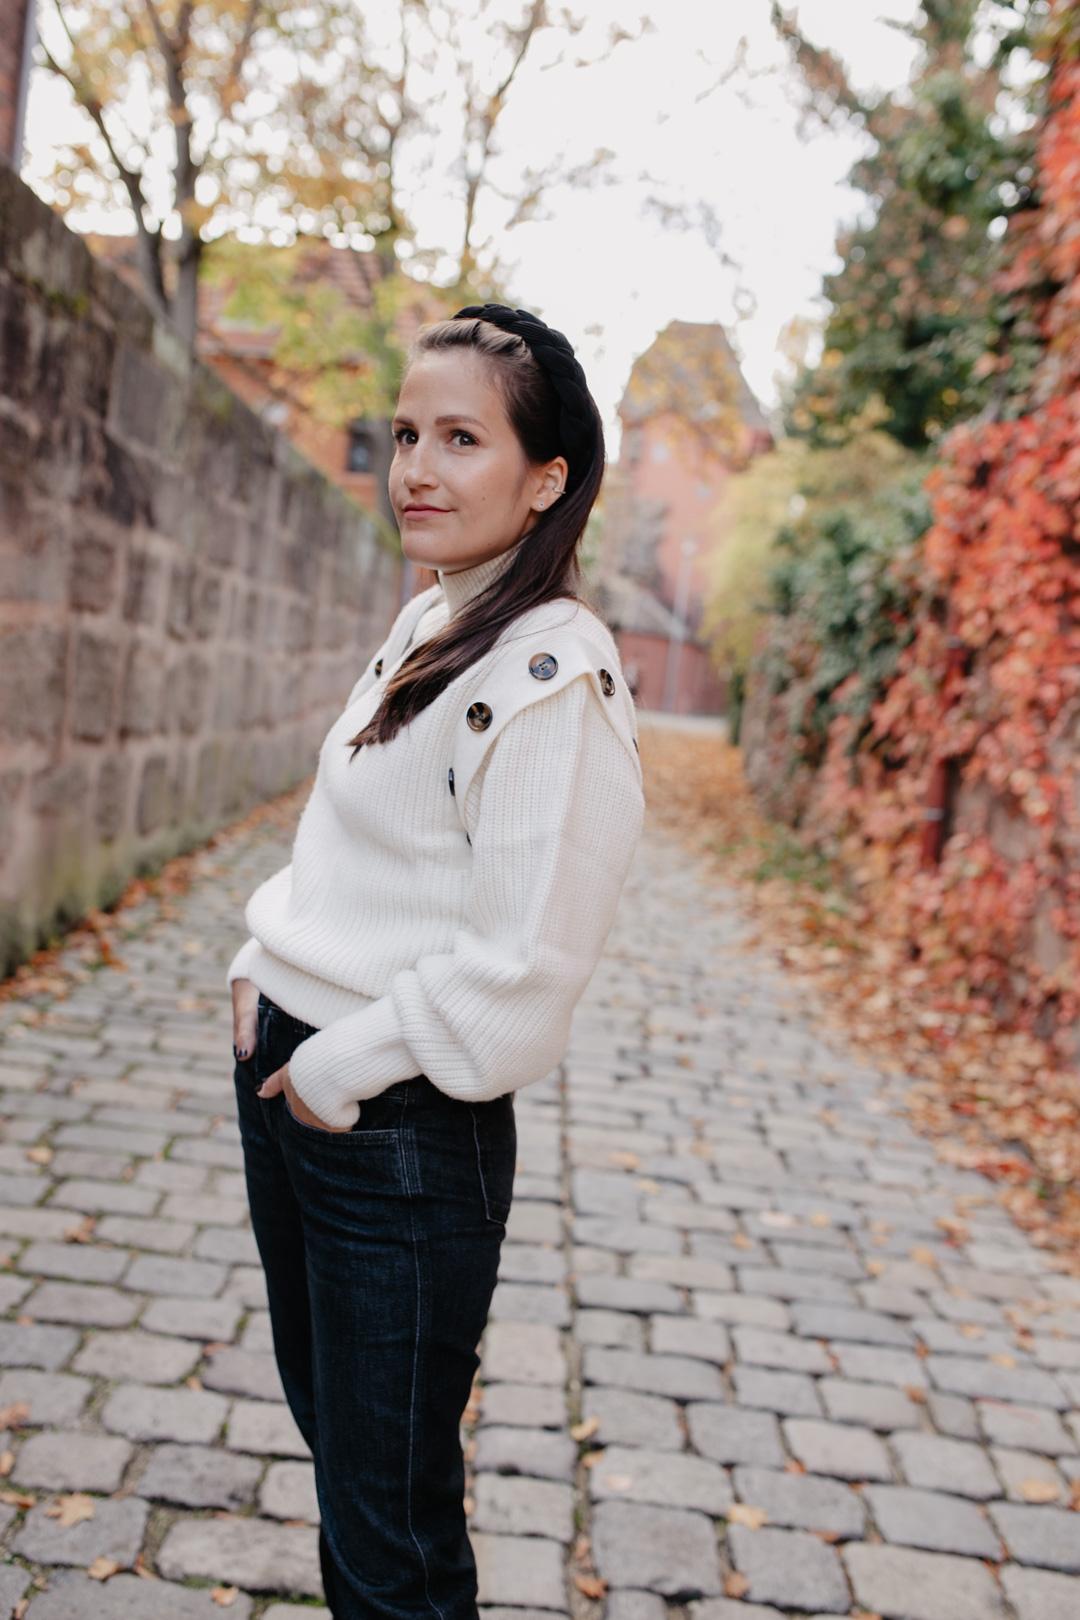 Herbstlook mit Haarreifen - Pieces of Mariposa // Fashion & Lifestyle Blogger aus Nürnberg